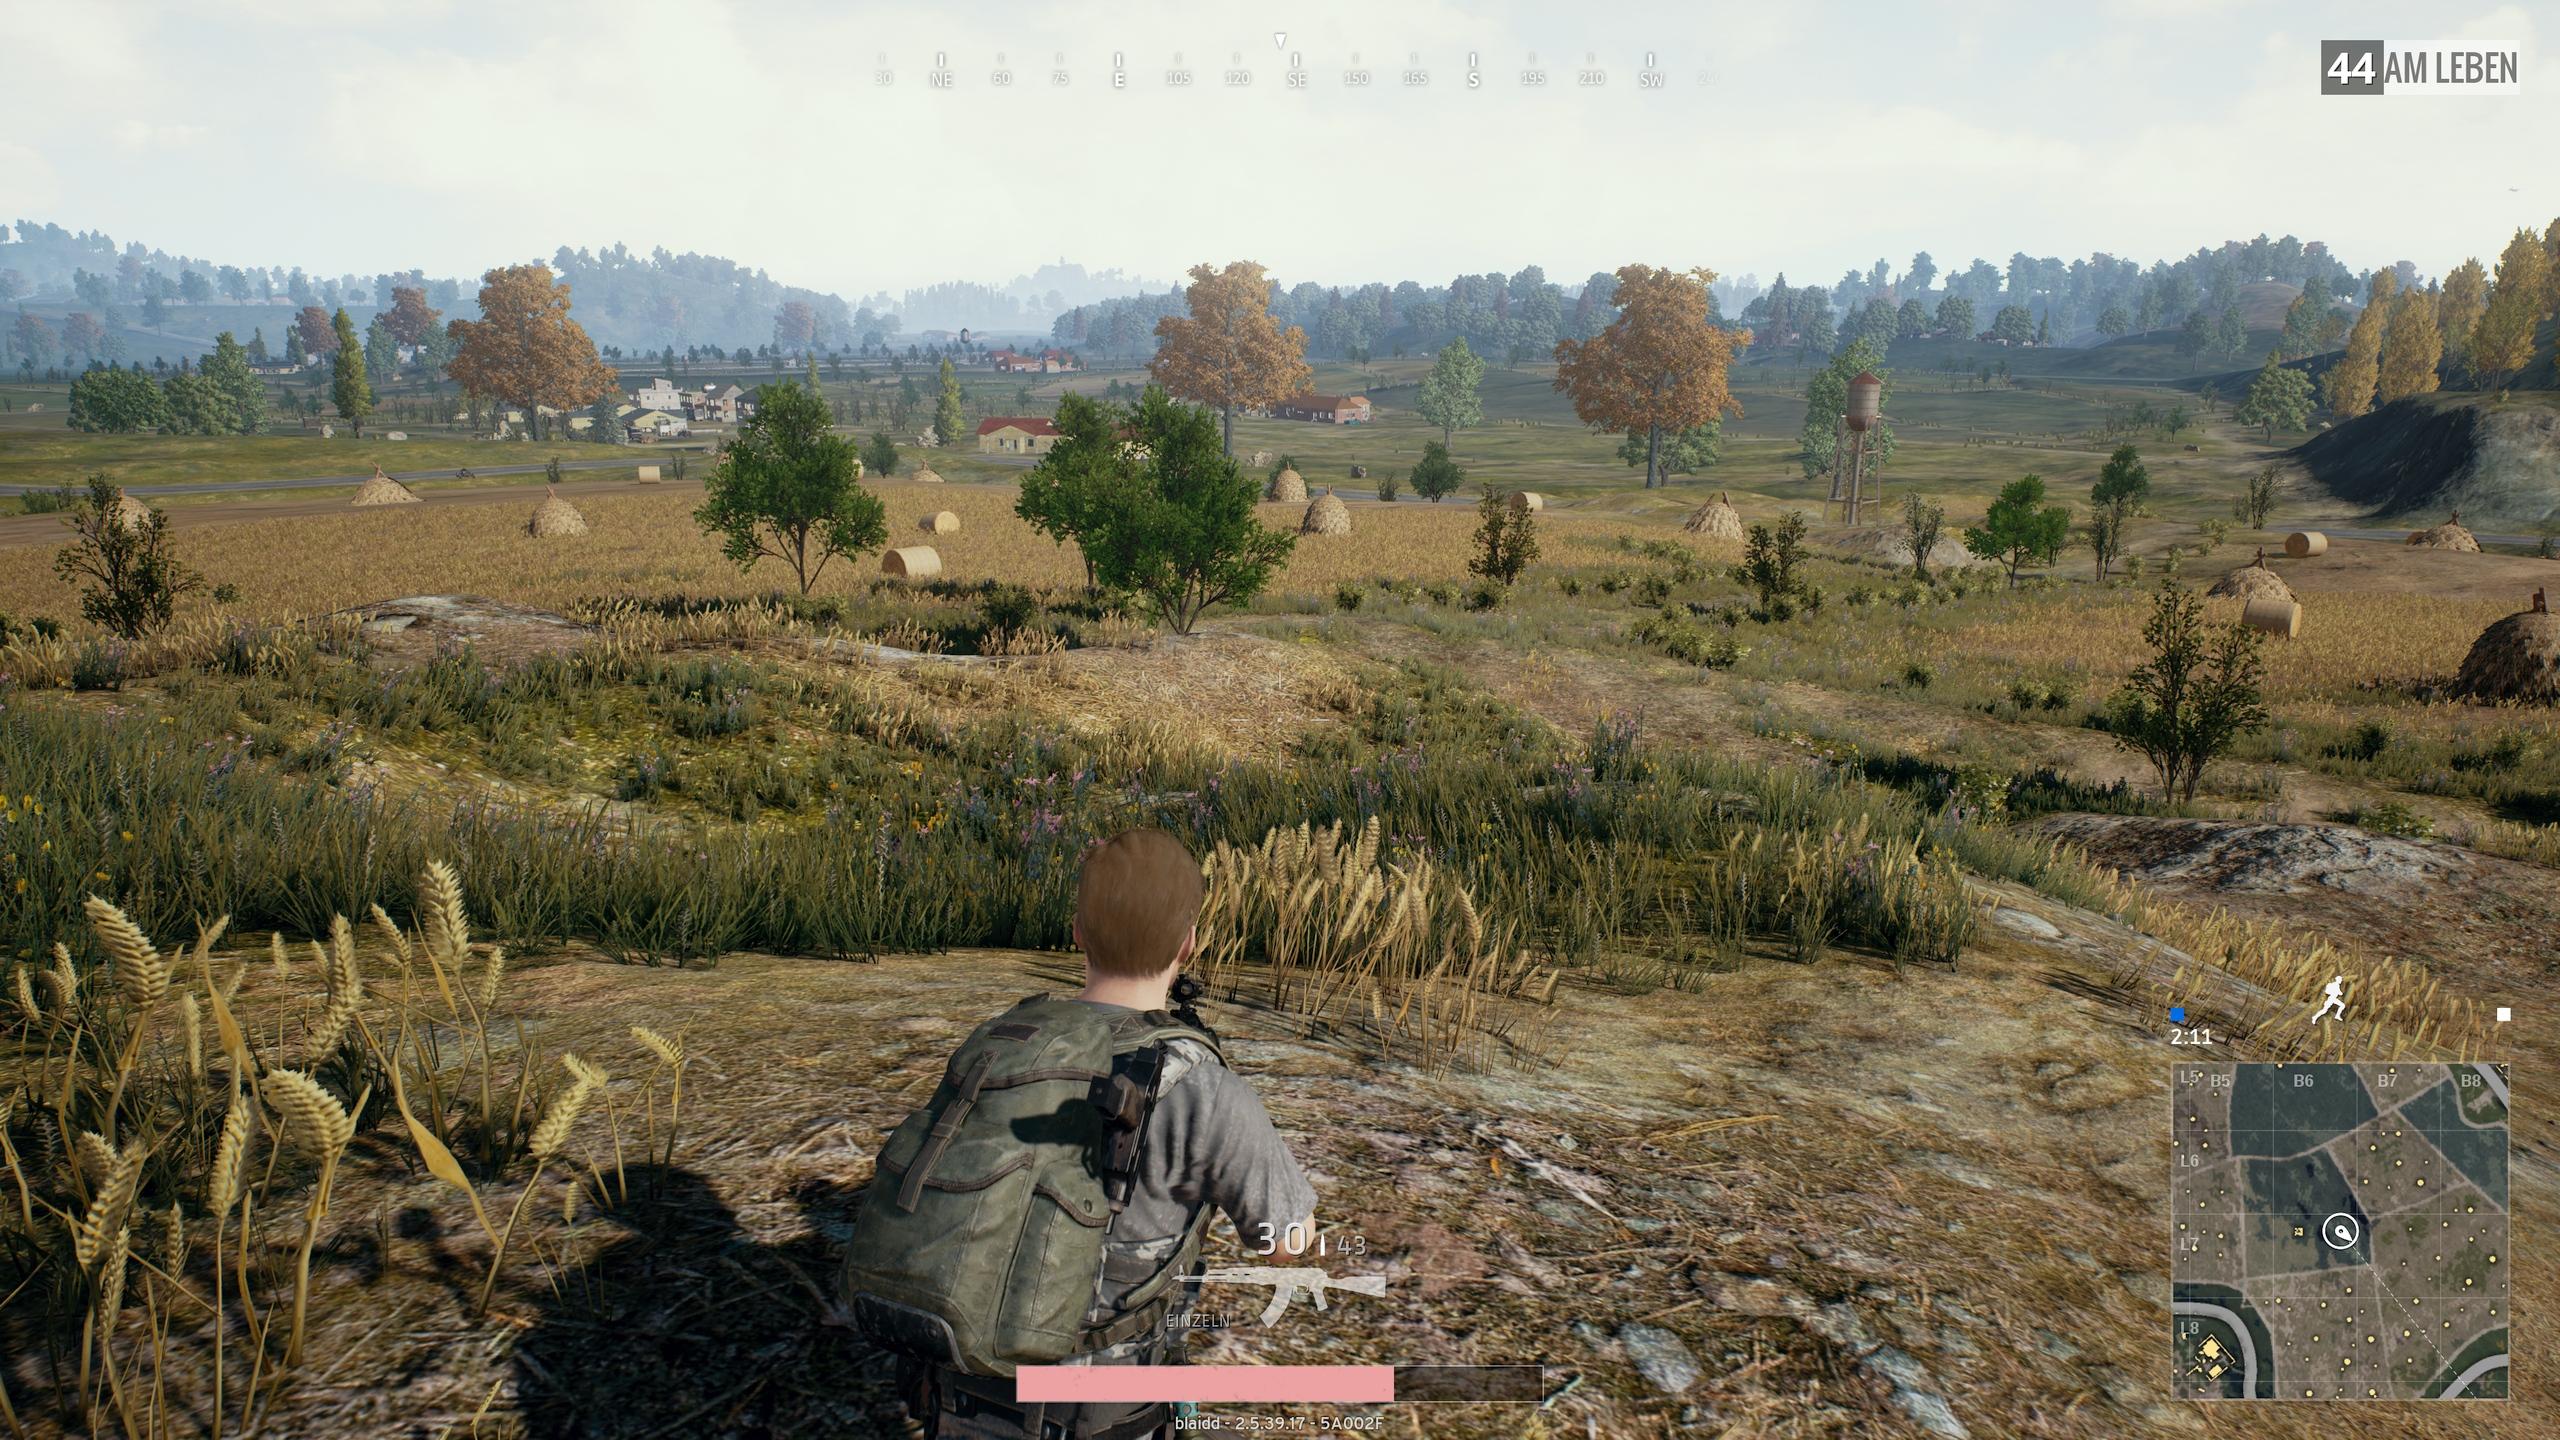 Pubg Hd Version: Playerunknown's Battlegrounds